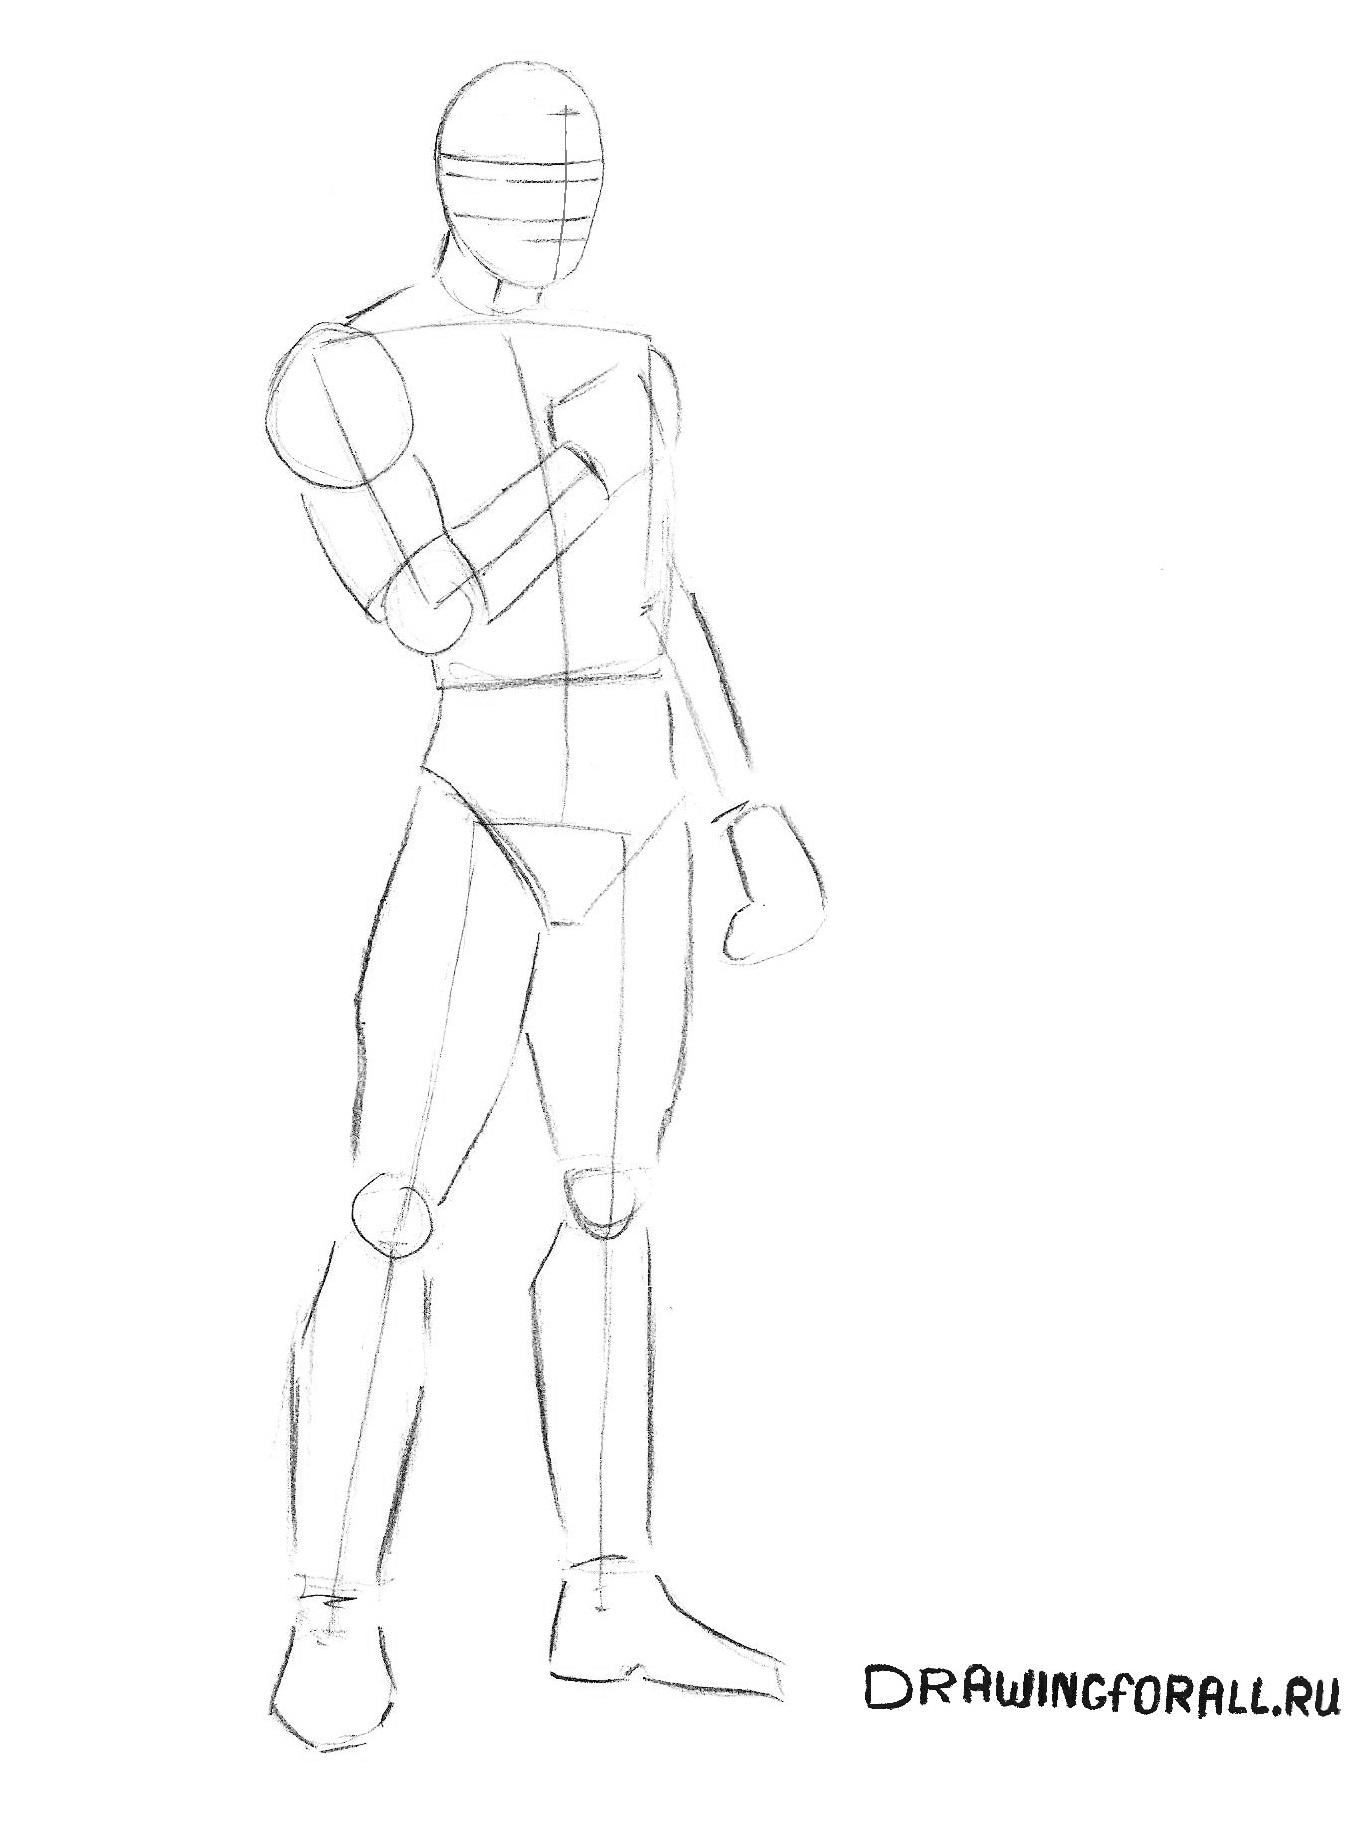 Как нарисовать персонажа комиксов марвел